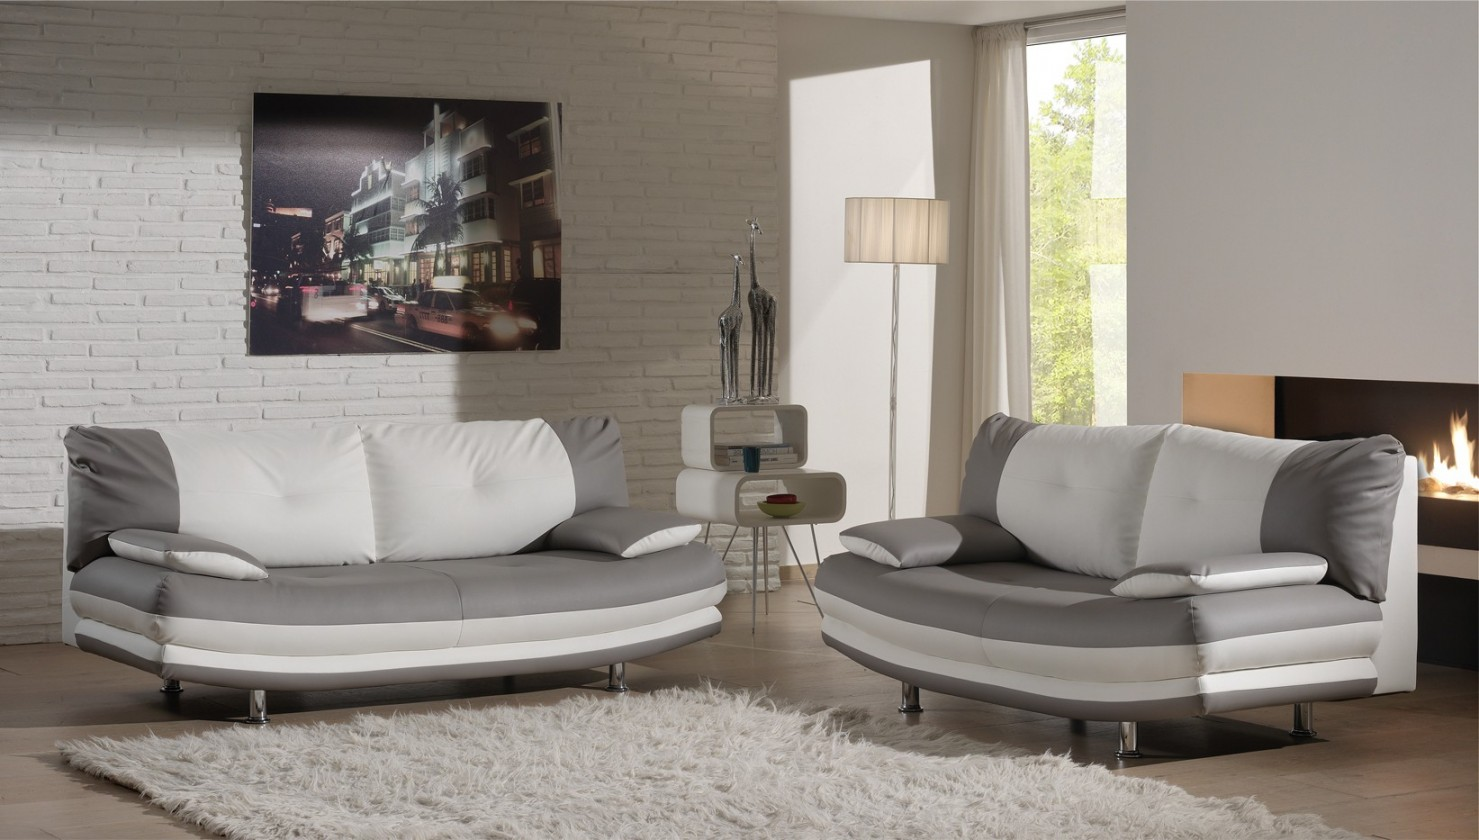 Bazár sedacie súpravy Maliboo-sedacie set (hanne light grey-hl.látka/white-dopl.látka)